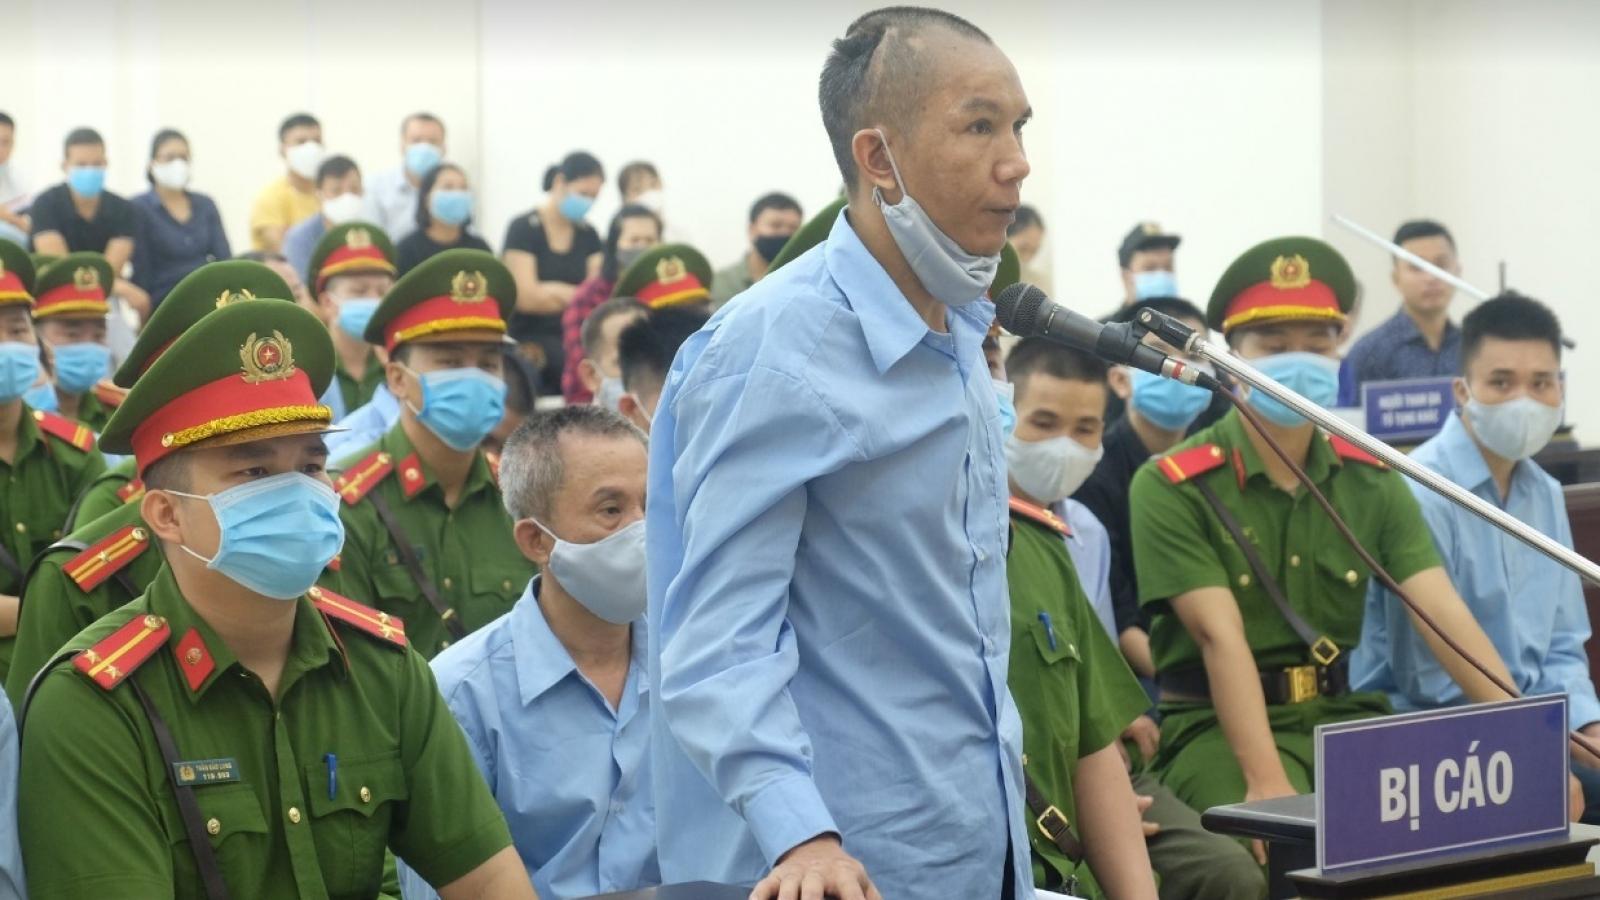 Xét xử vụ Đồng Tâm: Bị cáo Lê Đình Chức cúi đầu xin lỗi gia đình 3 liệt sỹ công an